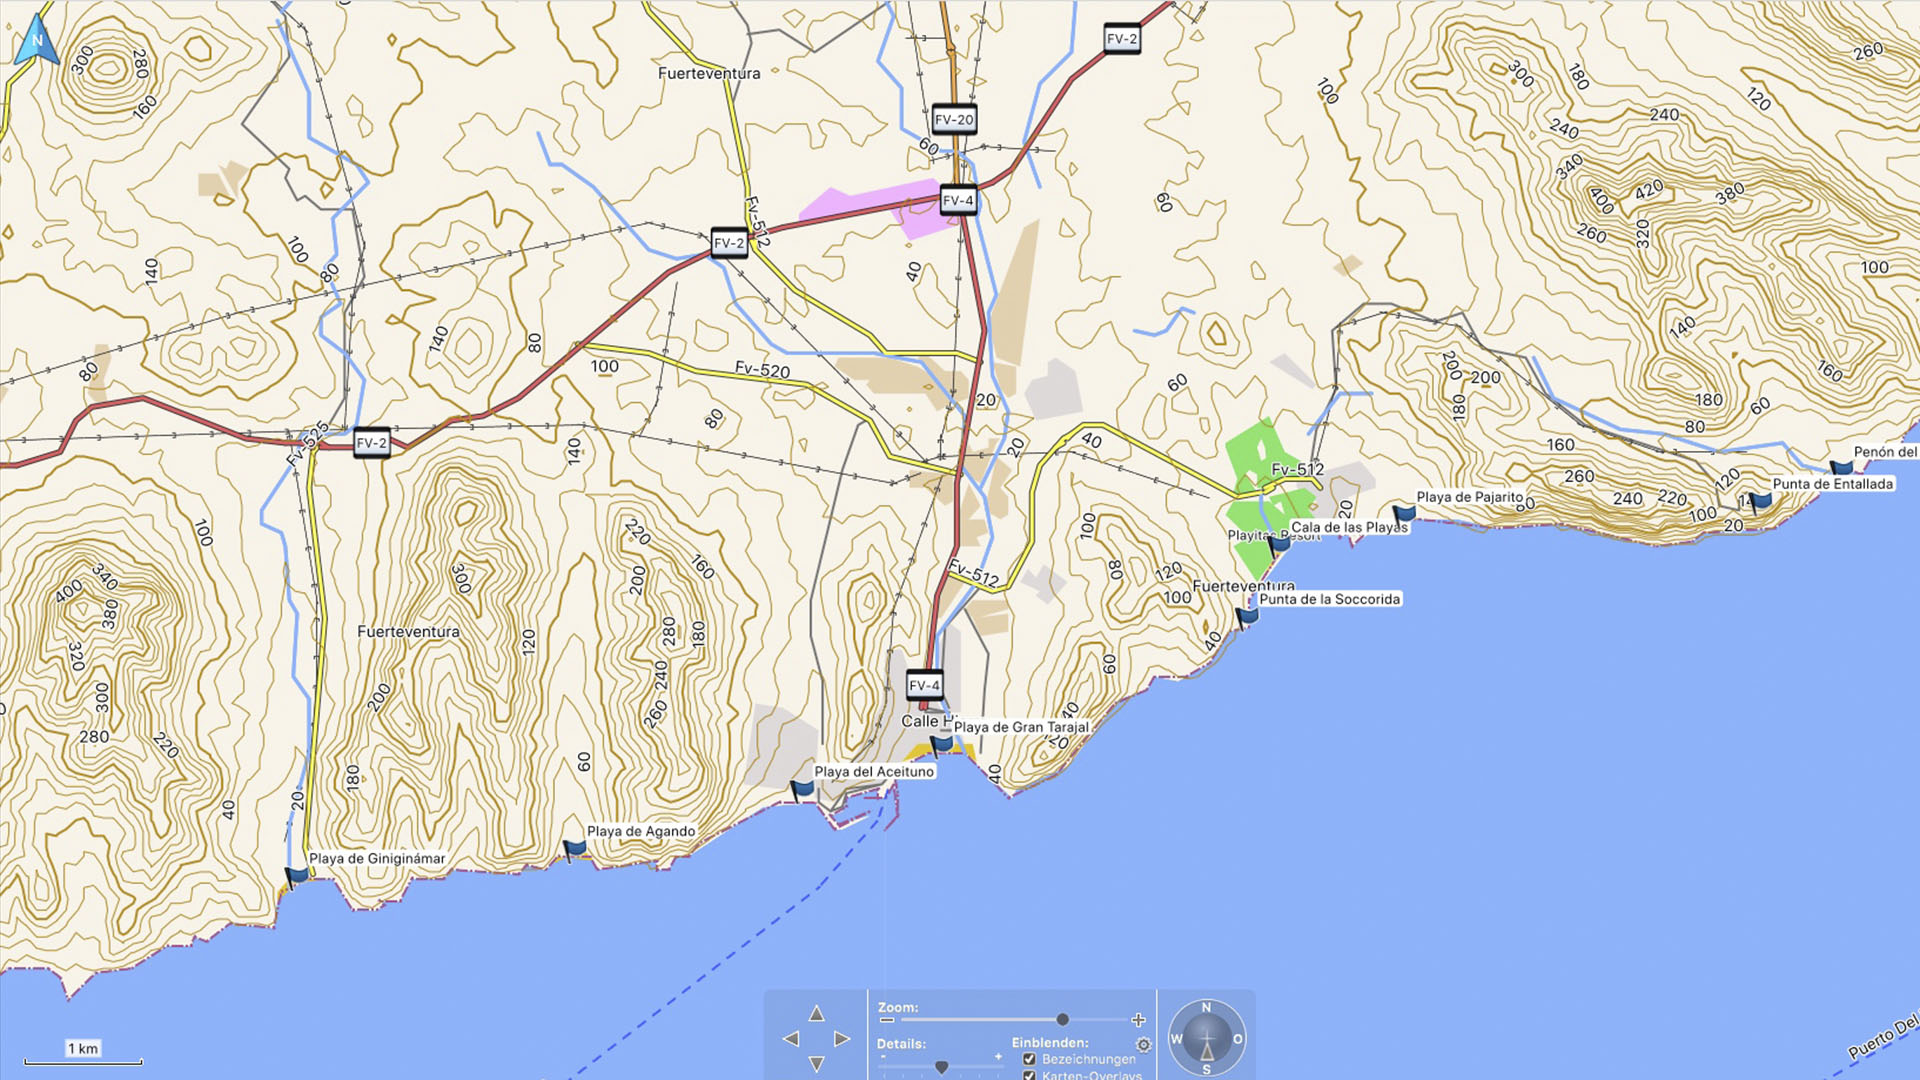 Fuerteventura Karte der Straende: Die Strände Las Playitas – Giniginamar.